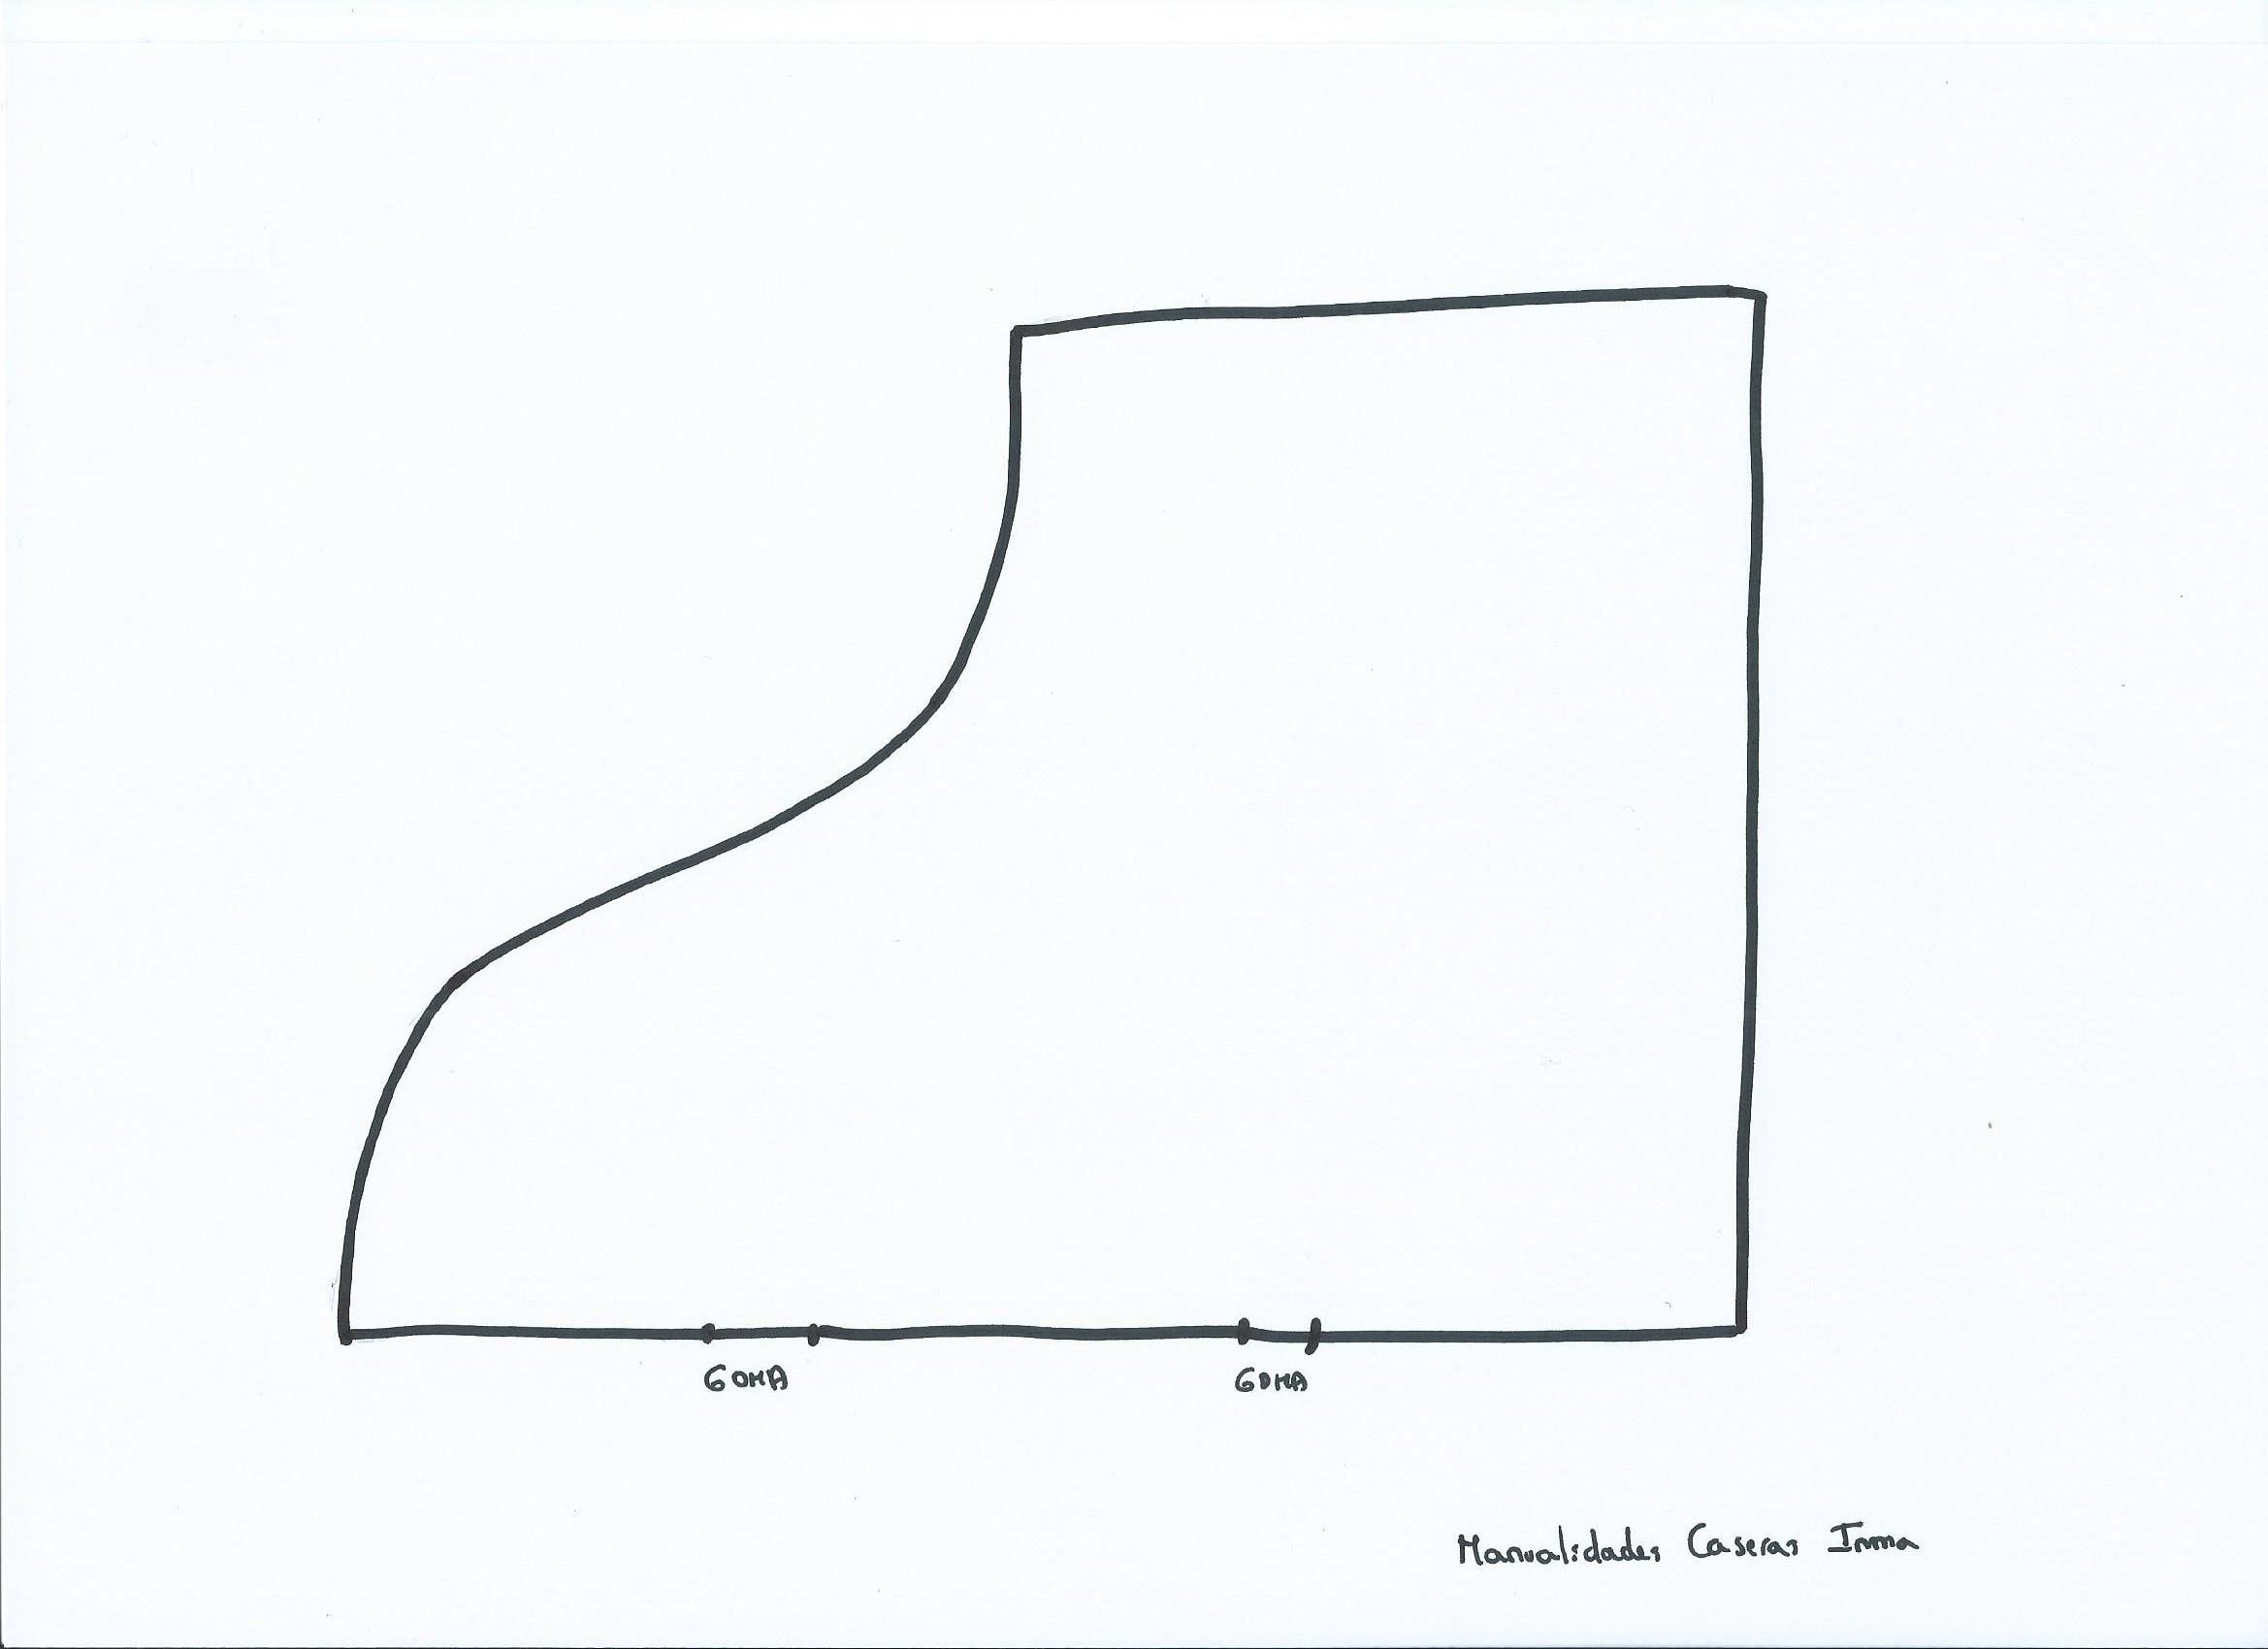 Manualidades Caseras Inma_Patrón de bota